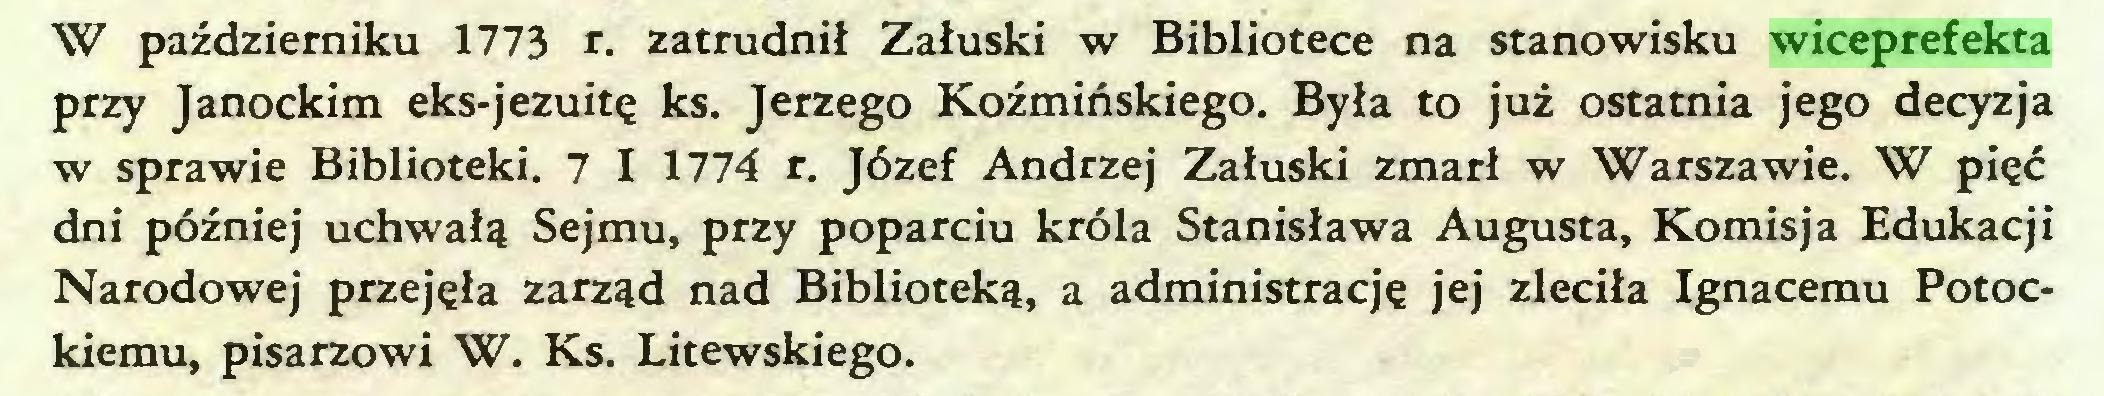 (...) W październiku 1773 r. zatrudnił Załuski w Bibliotece na stanowisku wiceprefekta przy Janockim eks-jezuitę ks. Jerzego Koźmińskiego. Była to już ostatnia jego decyzja w sprawie Biblioteki. 7 I 1774 r. Józef Andrzej Załuski zmarł w Warszawie. W pięć dni później uchwałą Sejmu, przy poparciu króla Stanisława Augusta, Komisja Edukacji Narodowej przejęła zarząd nad Biblioteką, a administrację jej zleciła Ignacemu Potockiemu, pisarzowi W. Ks. Litewskiego...